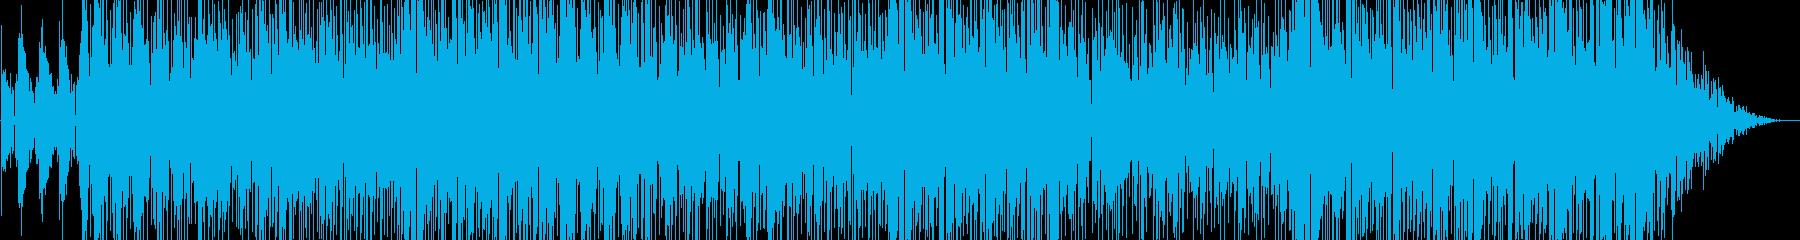 ヒップホップの影響が少しあるビッグ...の再生済みの波形